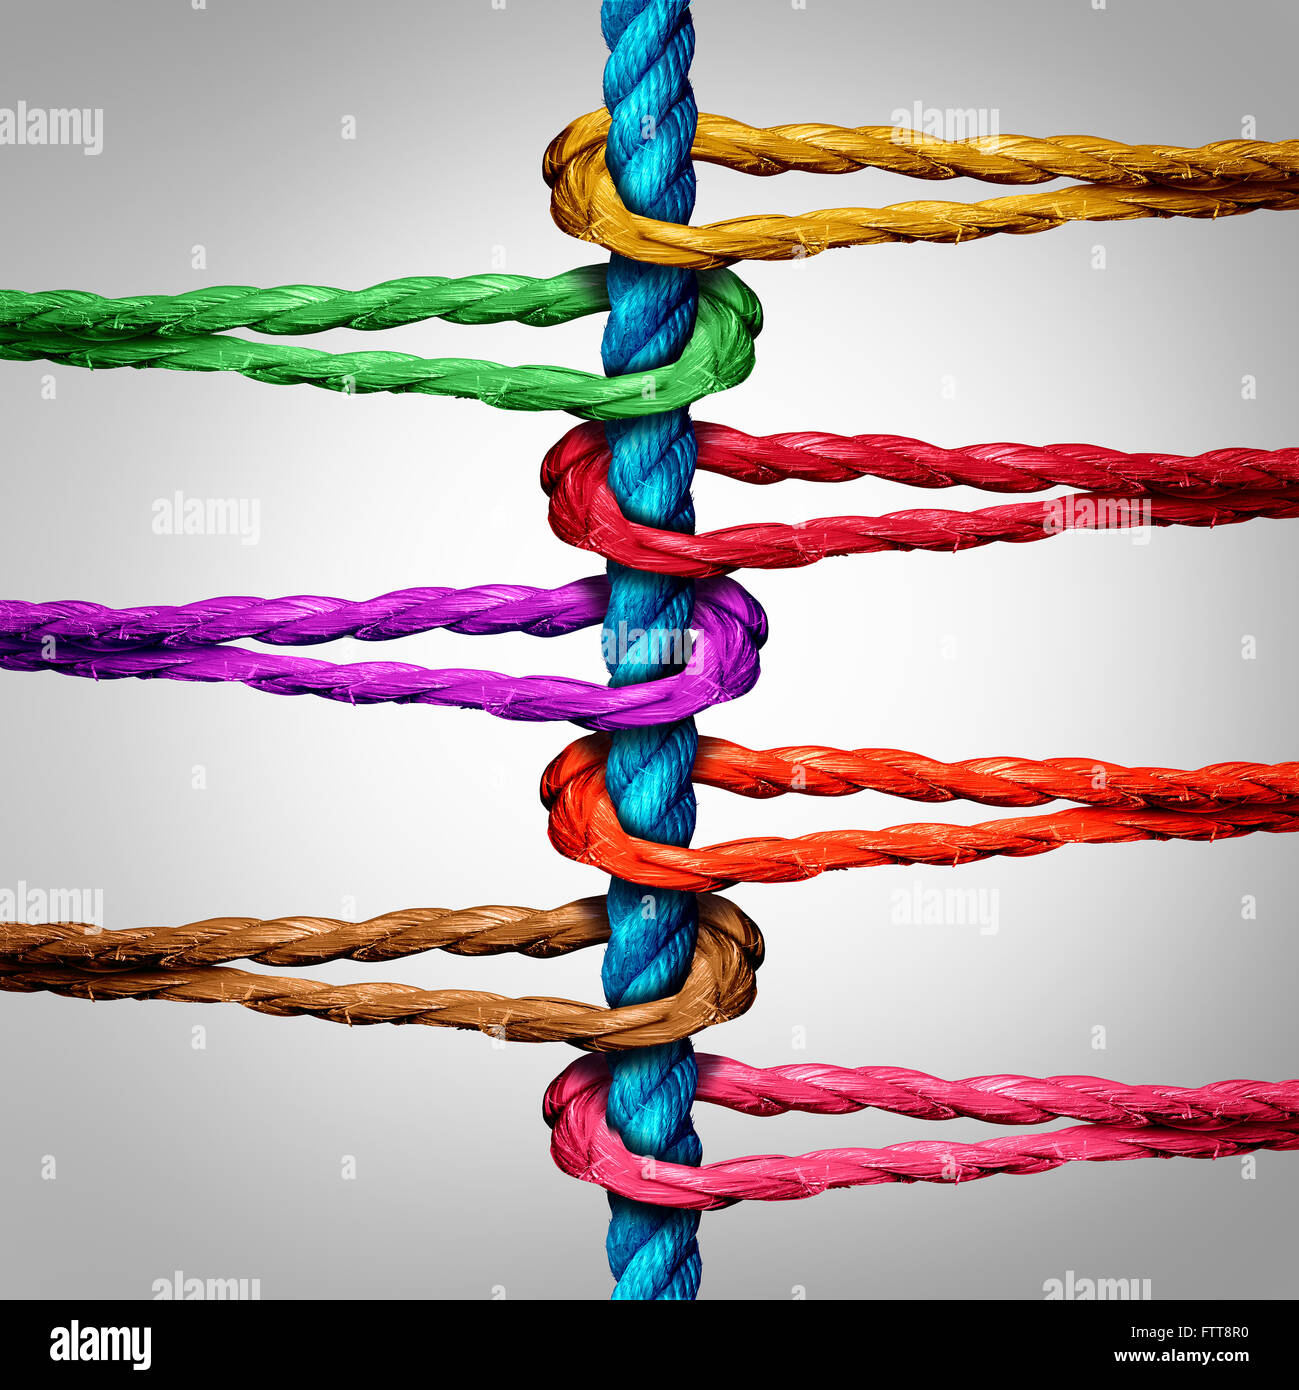 Conexión central el concepto empresarial como un grupo diverso de cuerdas conectado a una central de cuerda Imagen De Stock